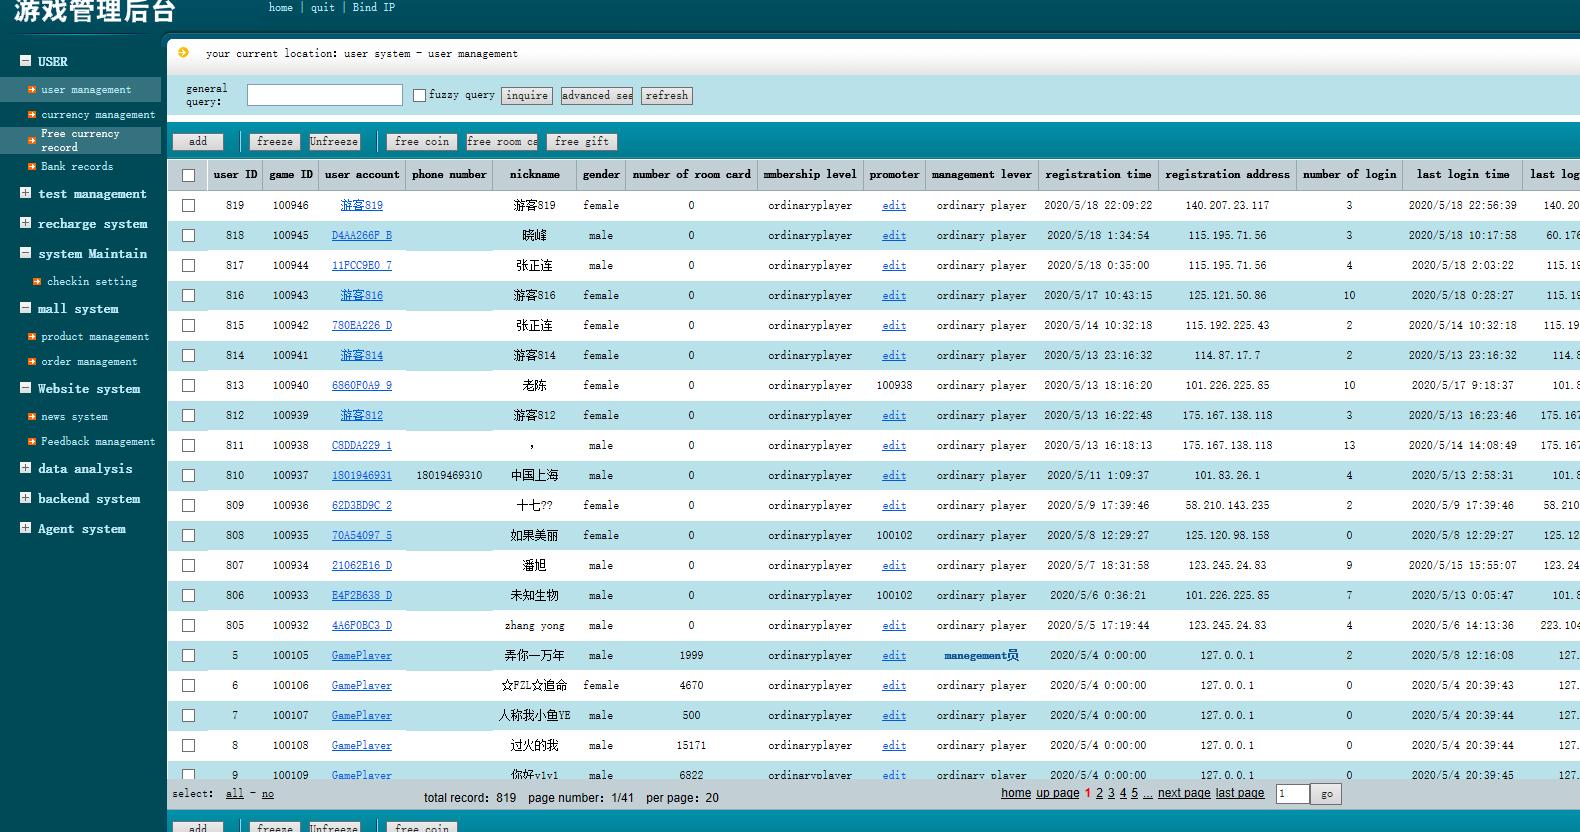 最新创游系列apollo阿波罗电玩城双语言版本完整组件+完整数据双端+视频教程插图(14)